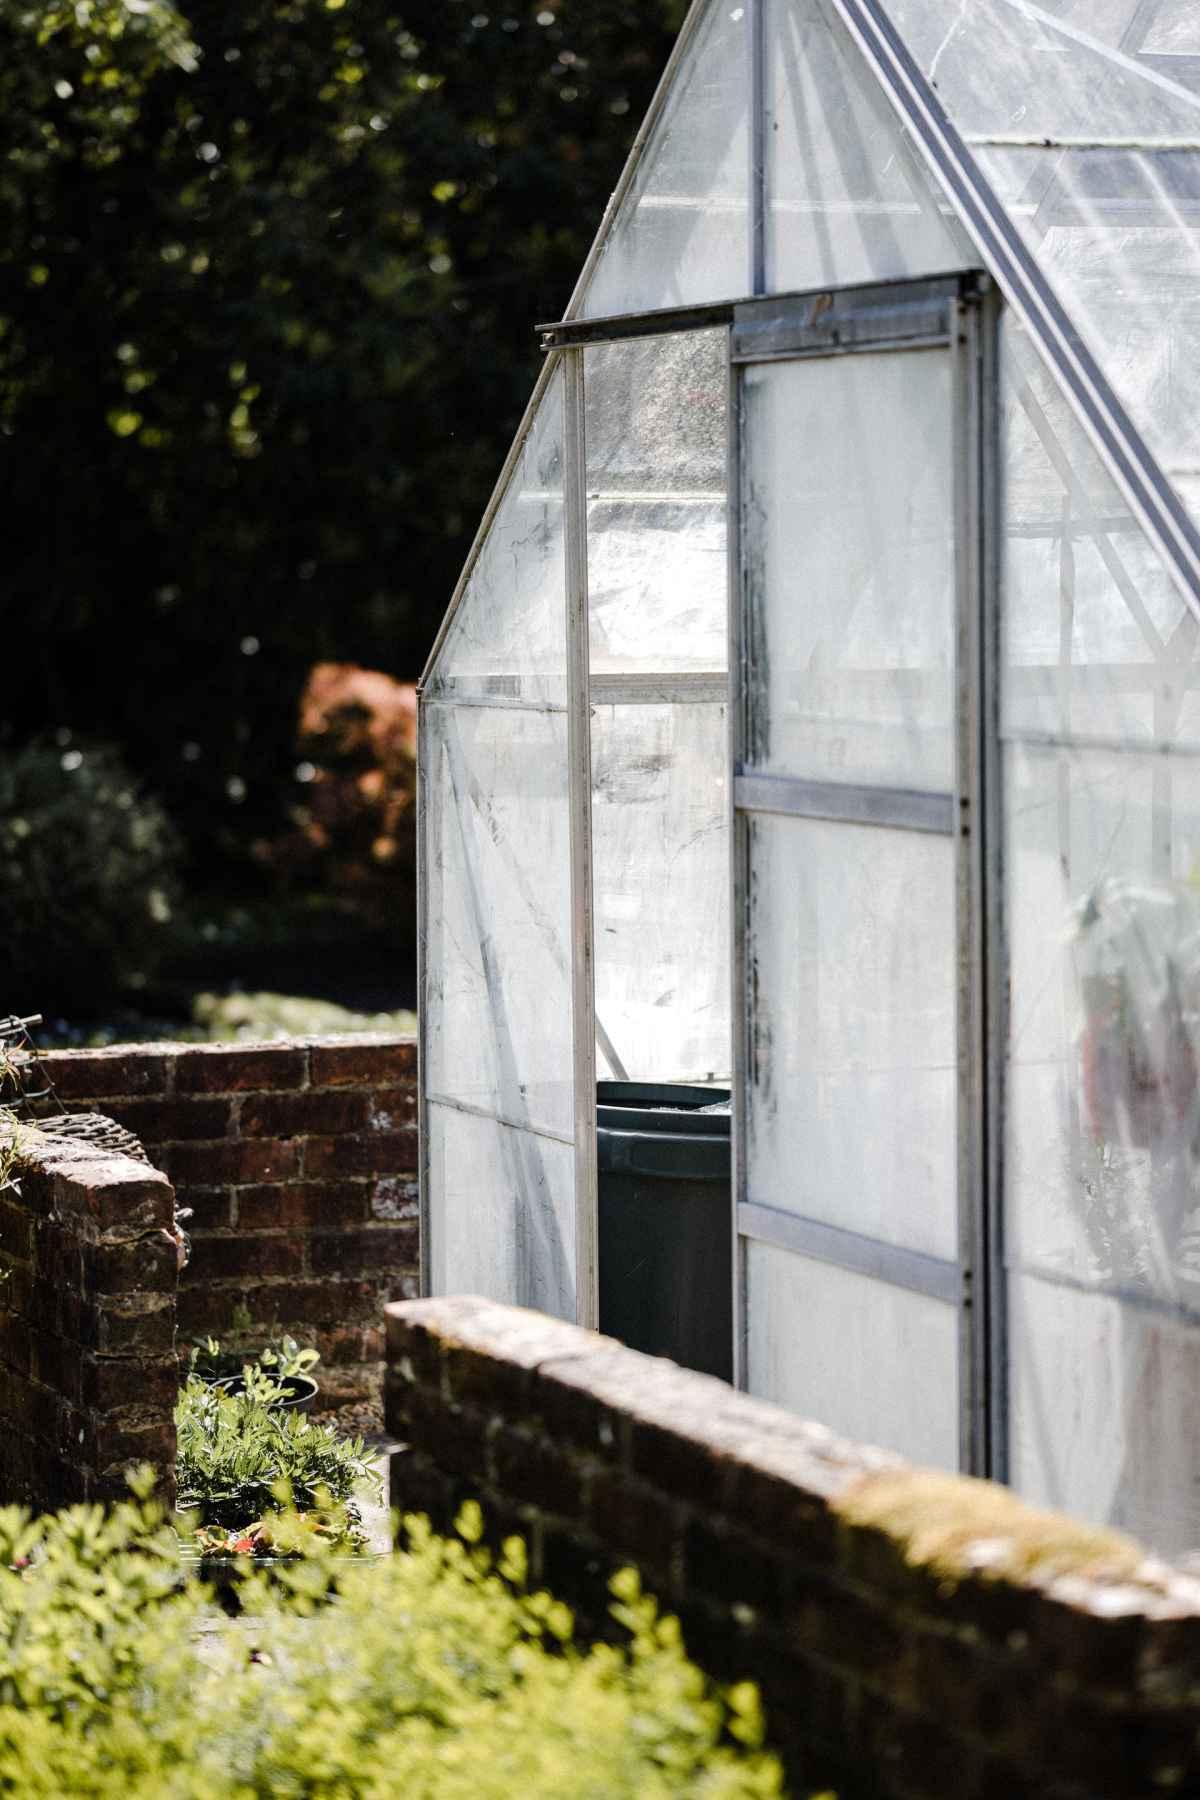 Gartengestaltung Ideen, englisches Gewächshaus, Garten Magazin